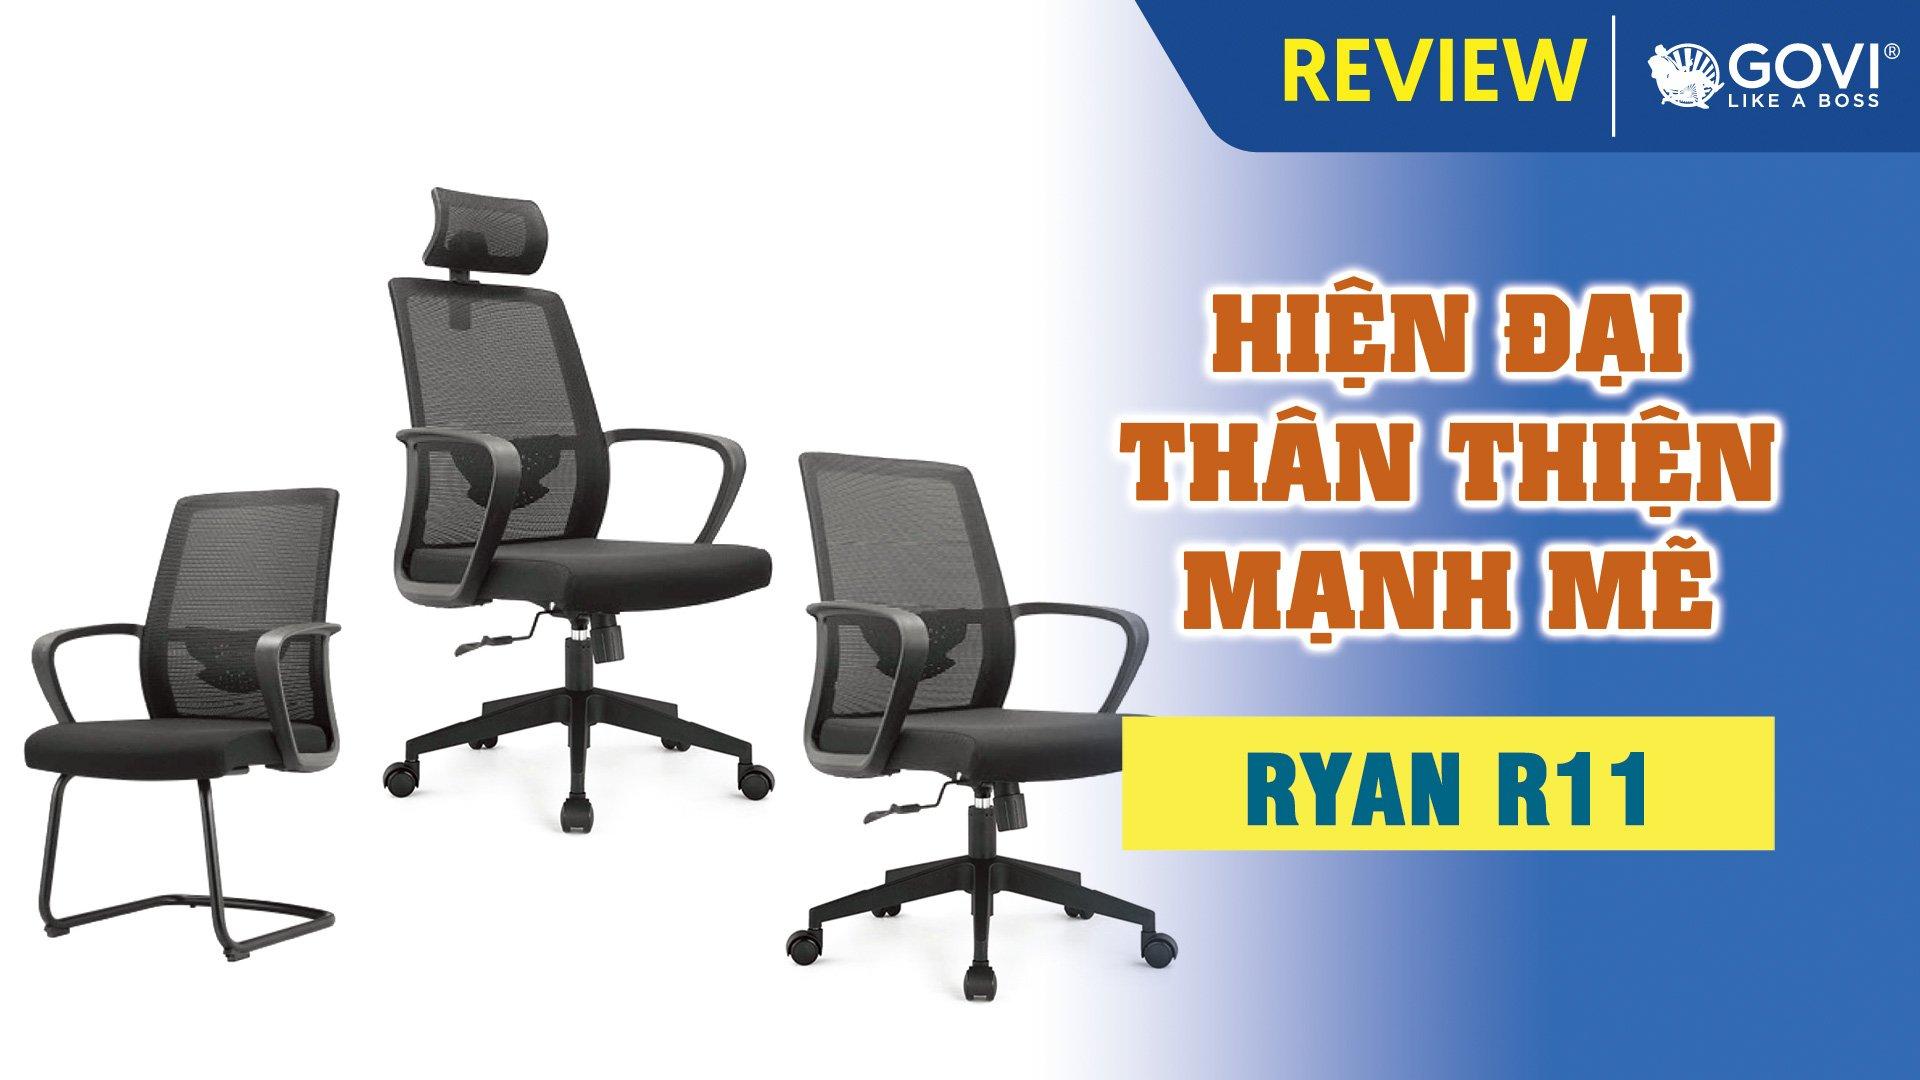 Combo Ghế Văn Phòng Ryan R11 – Hiện Đại, Thân Thiện, Mạnh Mẽ